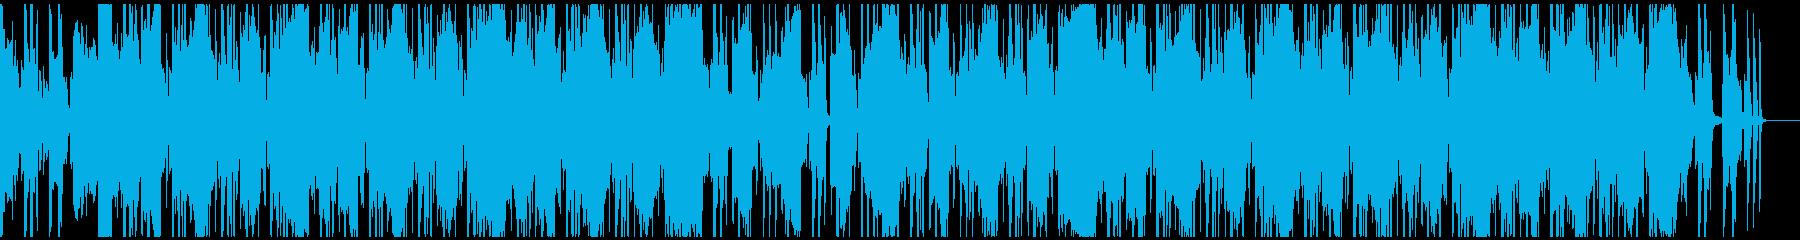 レトロ ギャングラップ ターンテー...の再生済みの波形